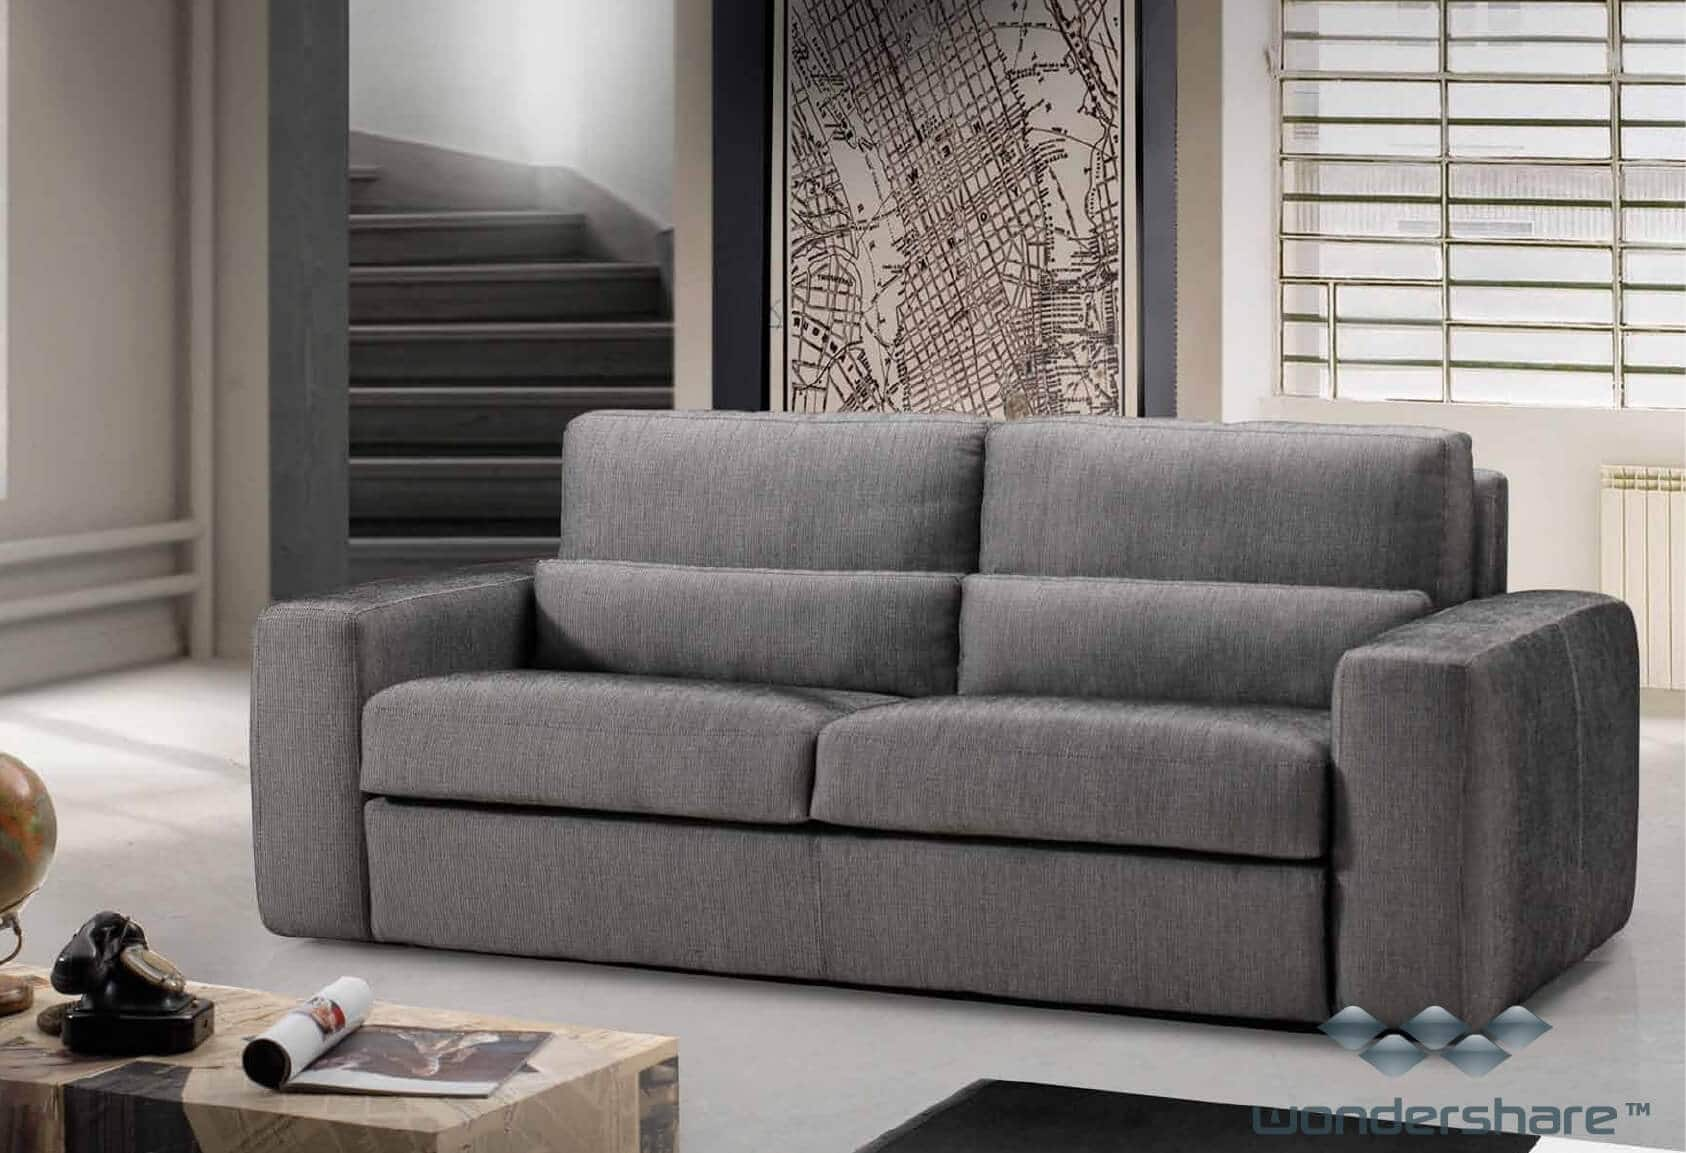 Divano letto modello shara arredamento zona giorno divani e poltrone divani letto for Divani e divani divani letto